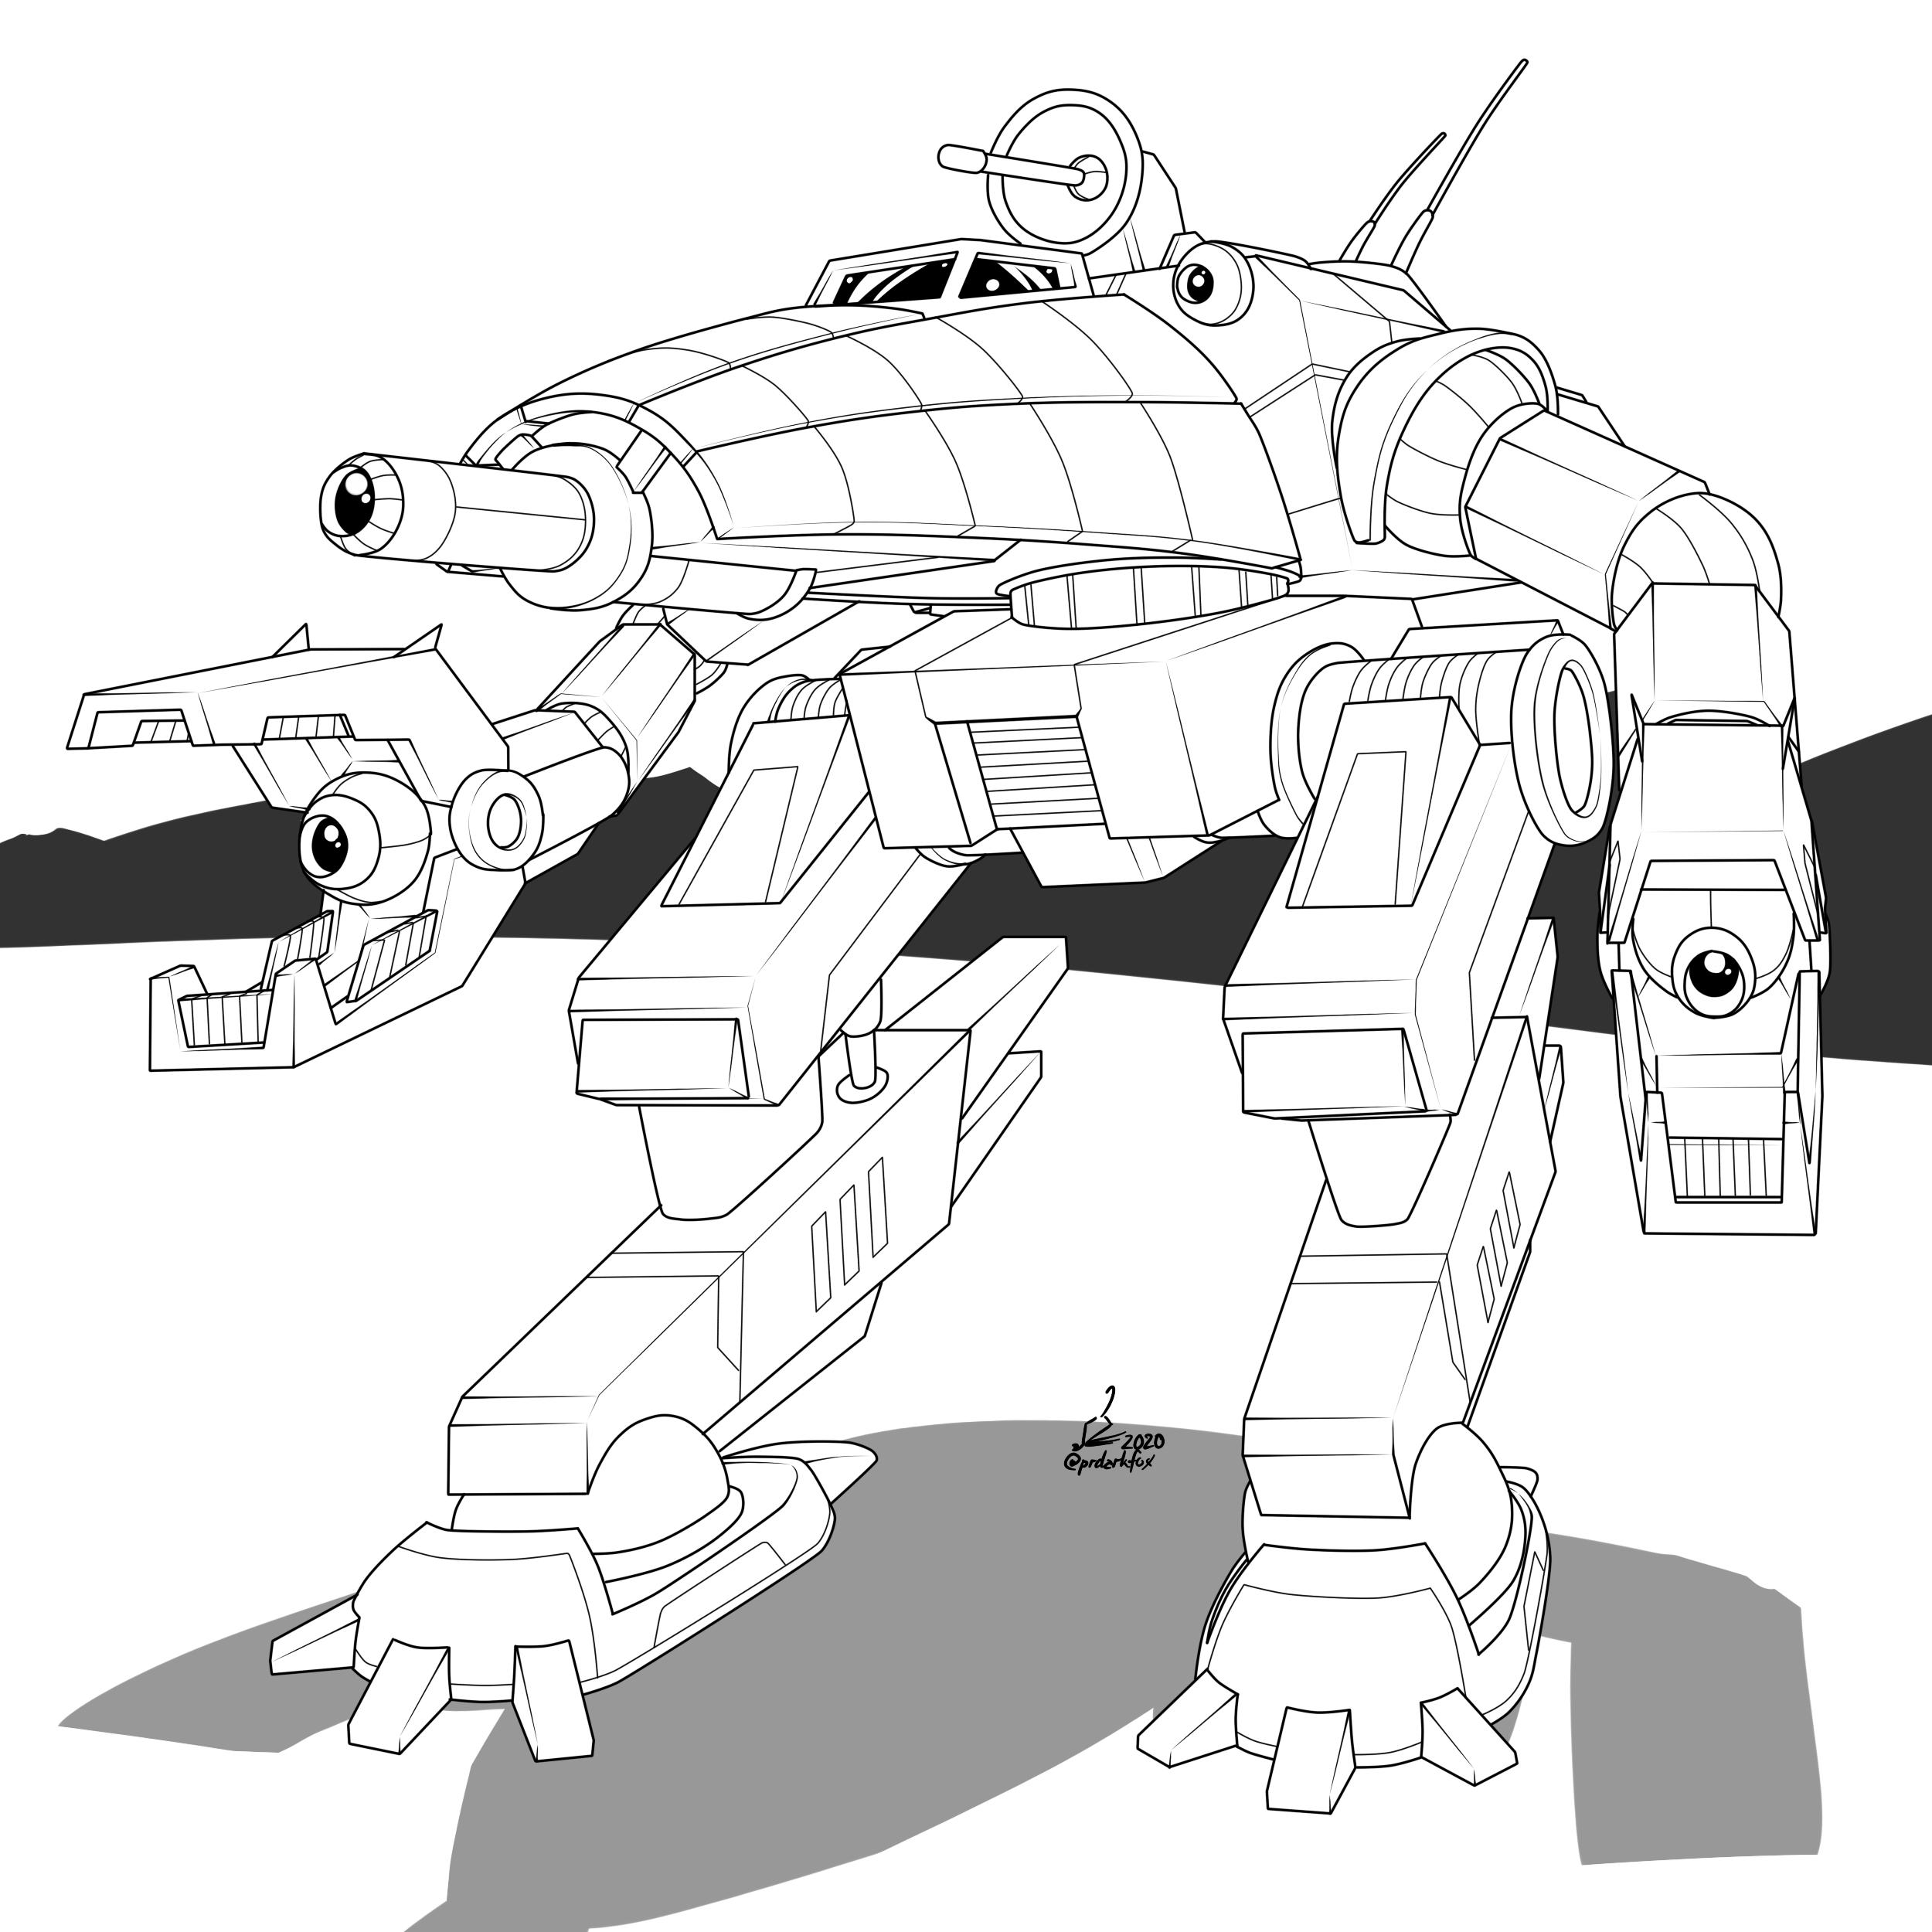 CRB-27 Crab BattleMech